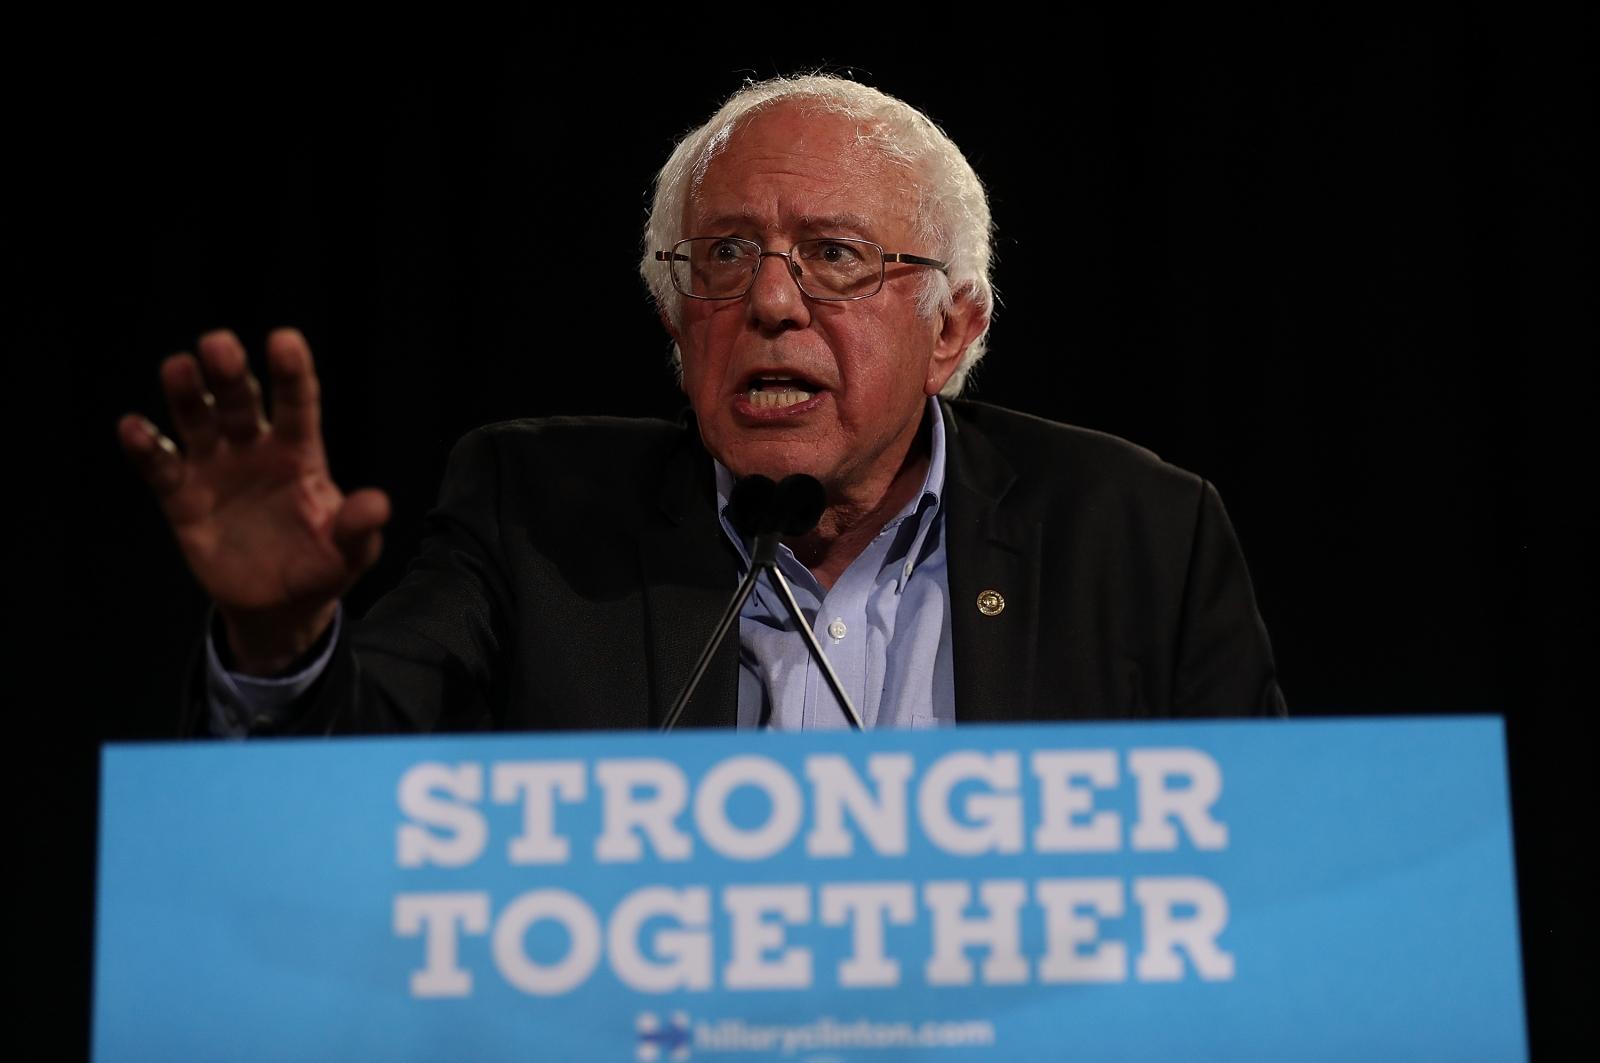 U.S. Sen Bernie Sanders